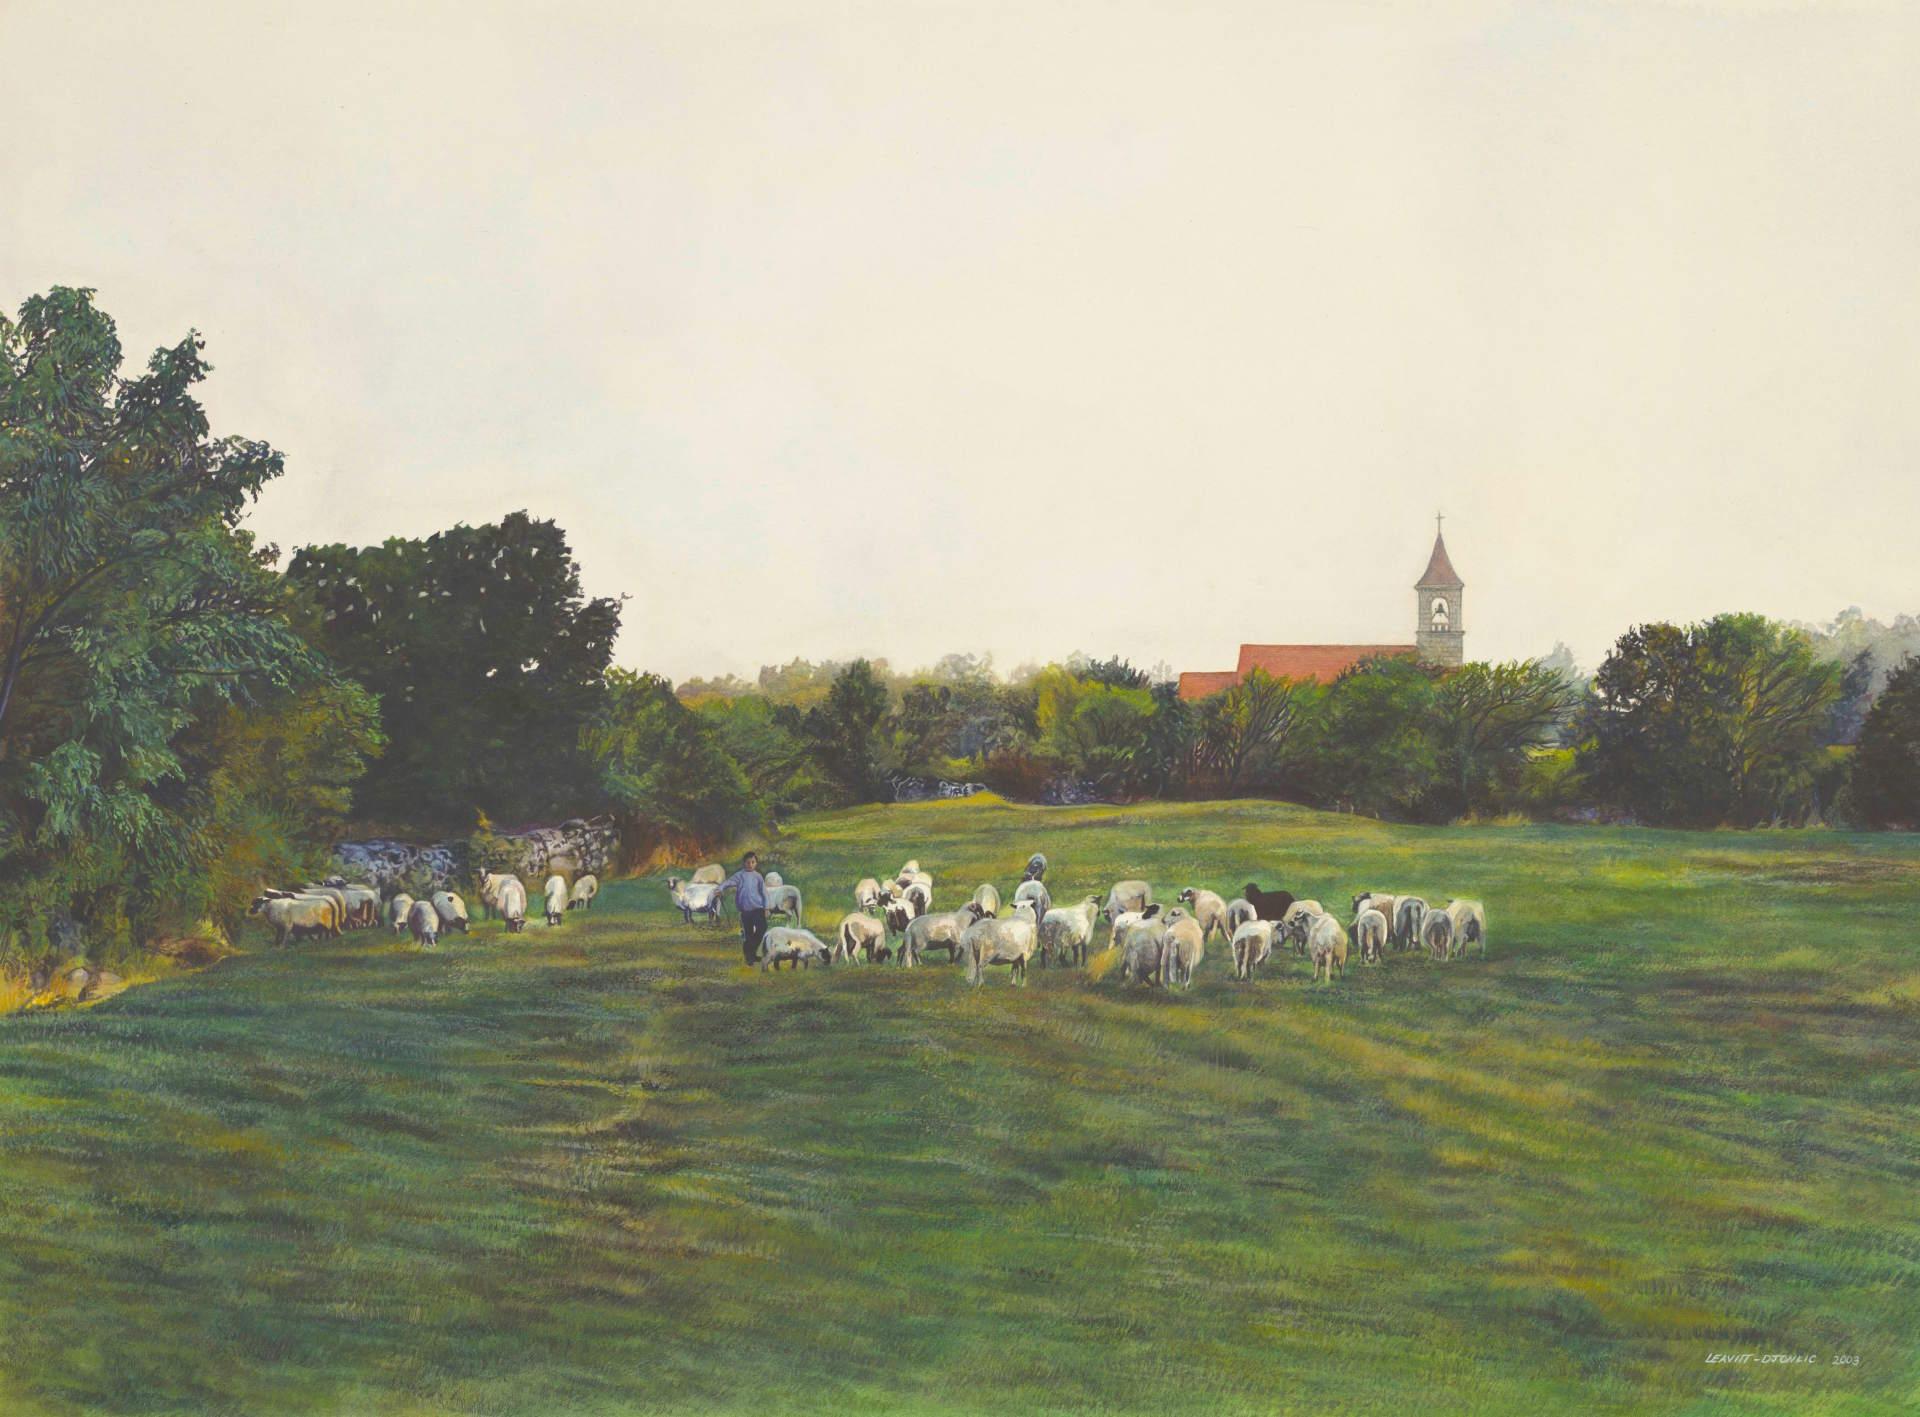 The Sheep Herder, Croatia